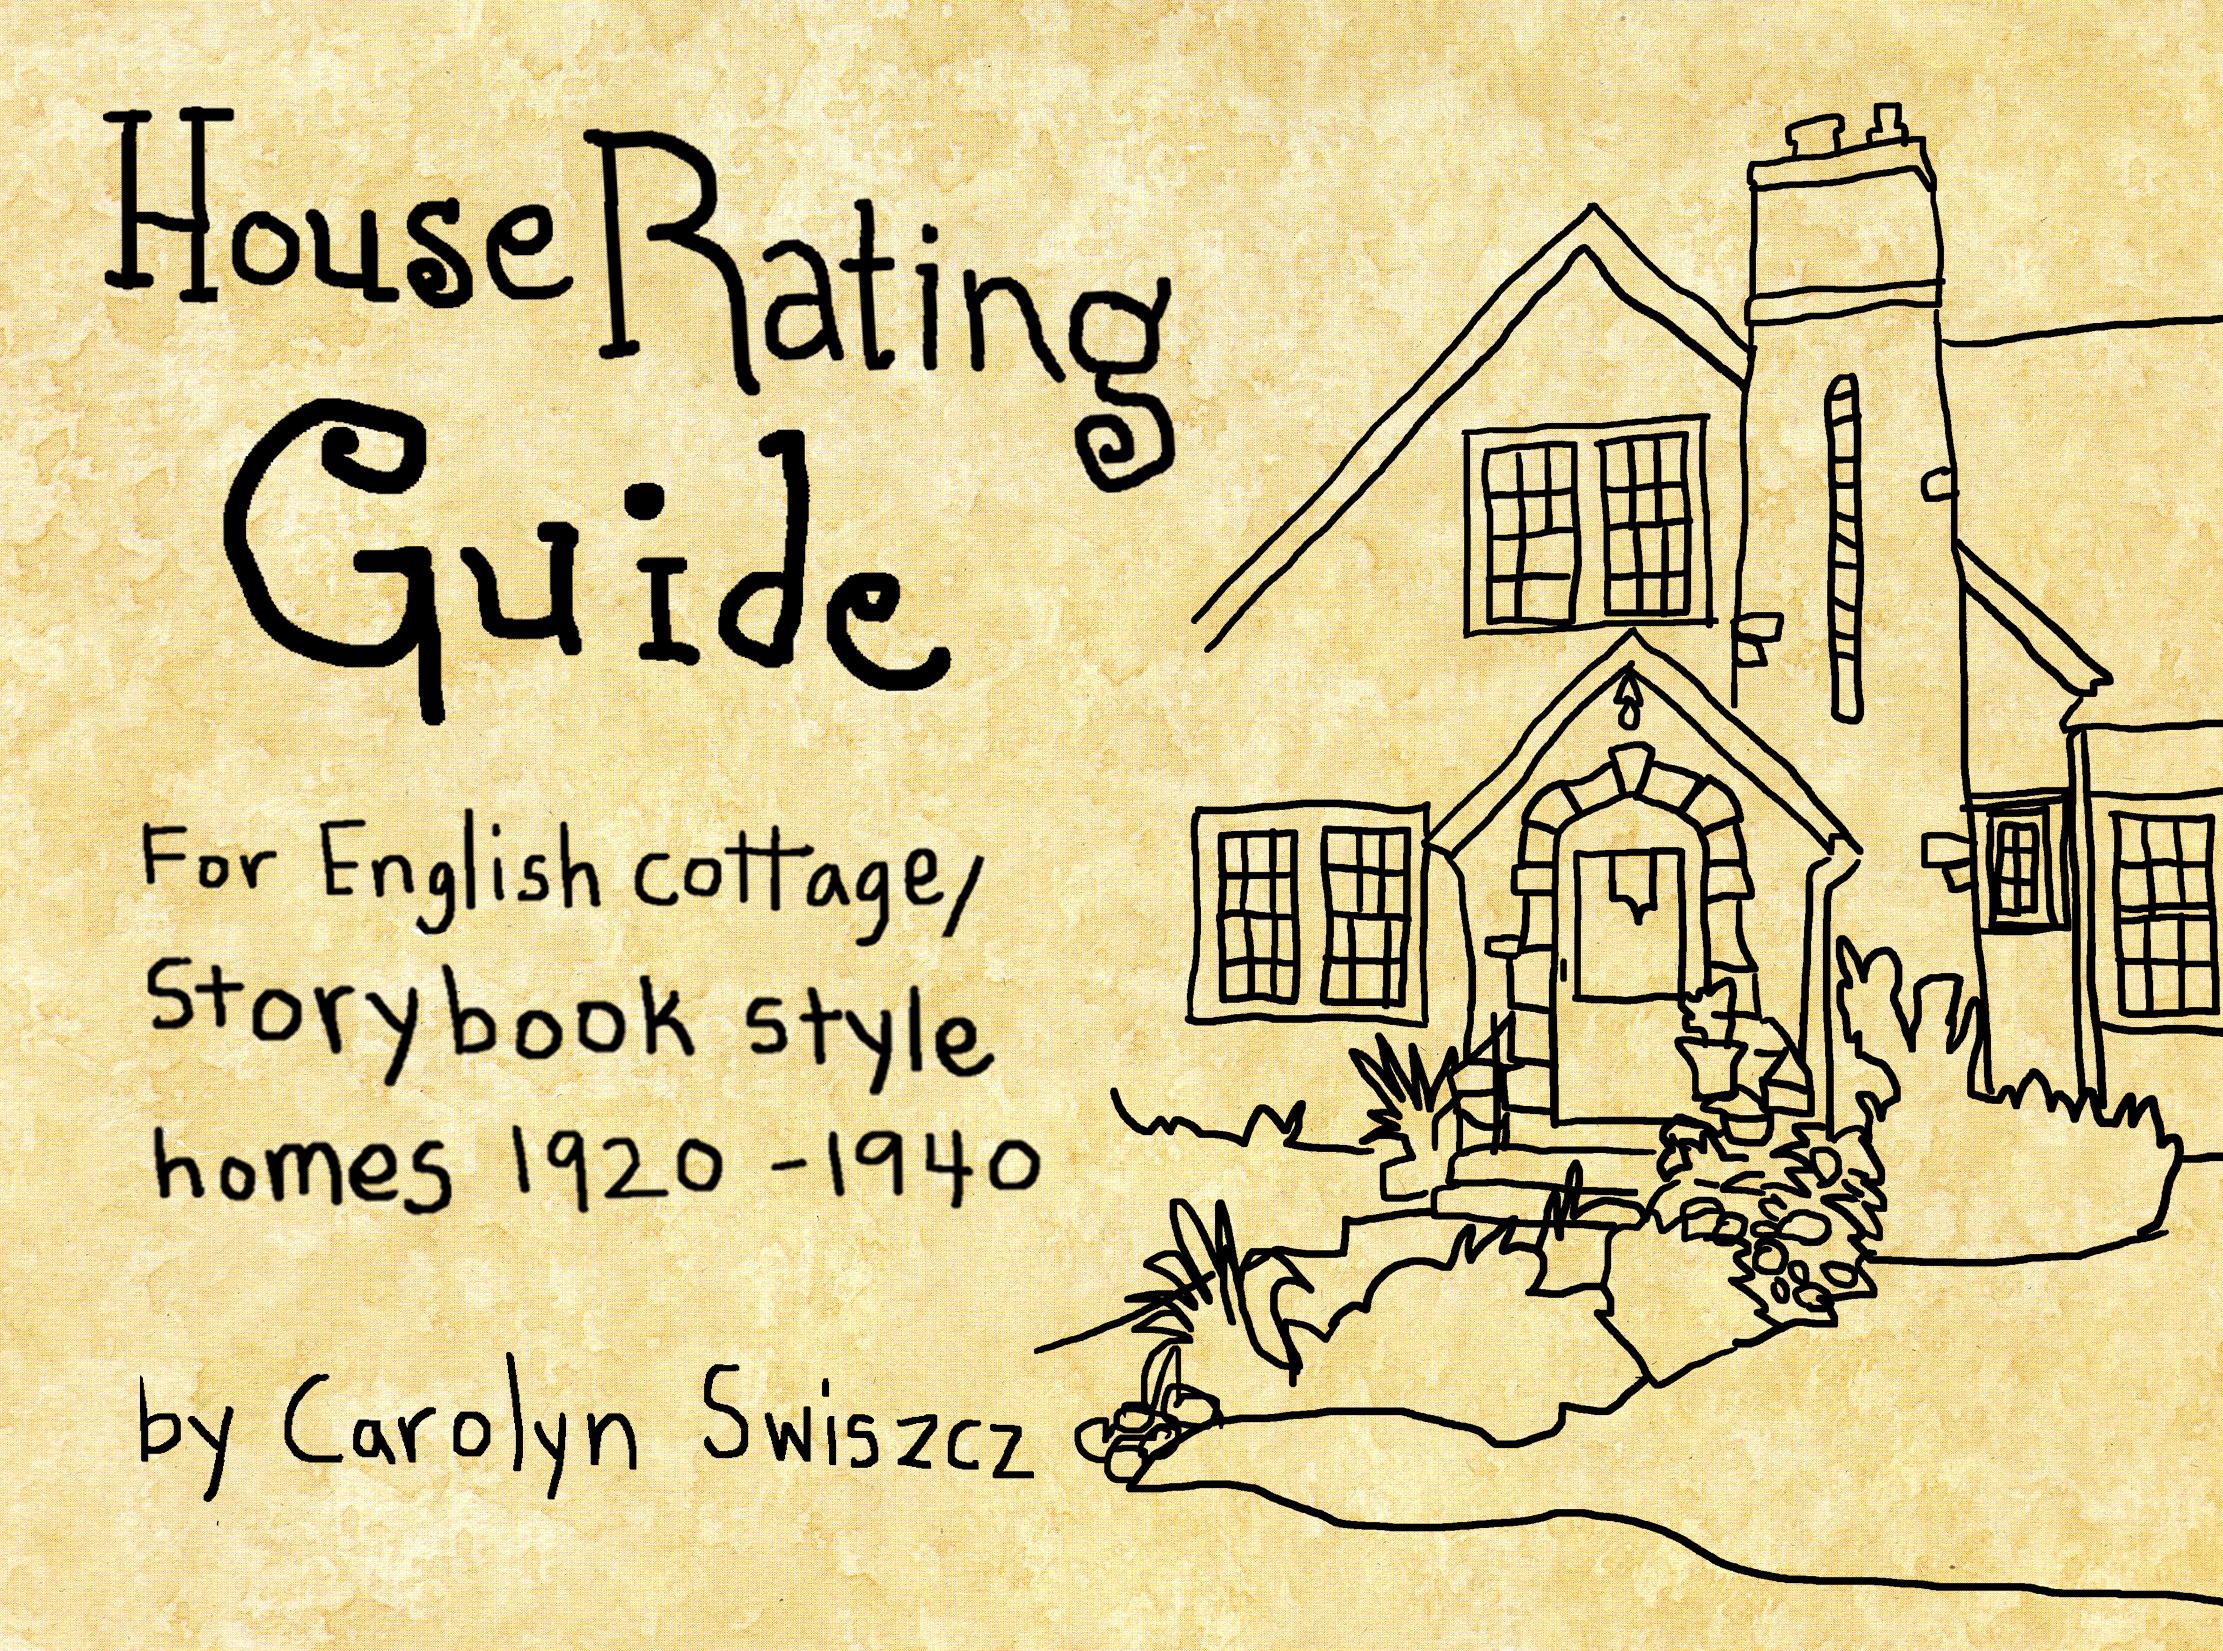 house.rating.street.1.jpg